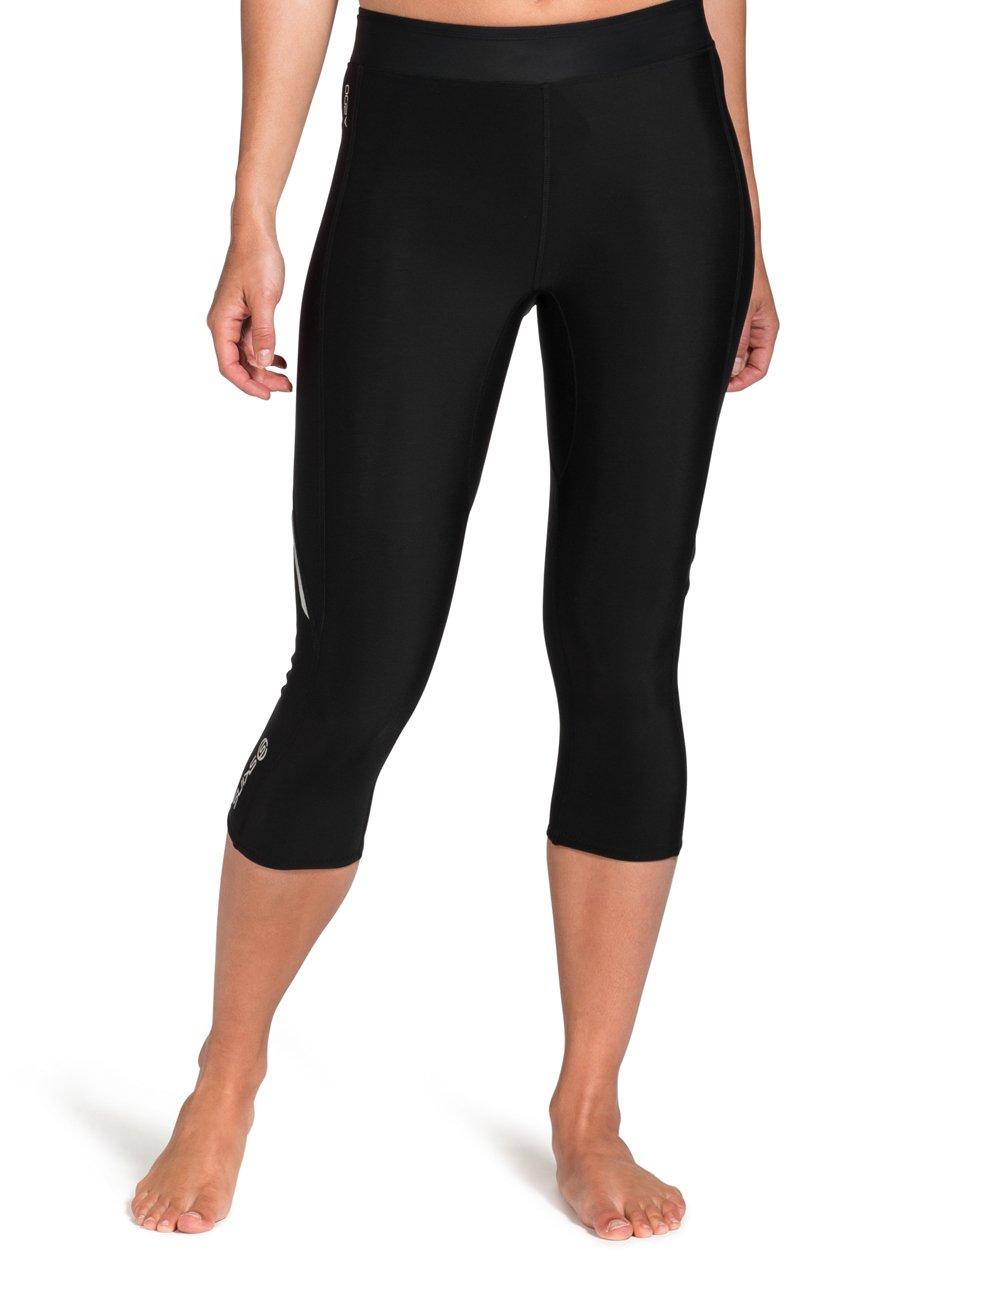 Skins Bio A200 Women's Thermal Capri Compression Tights